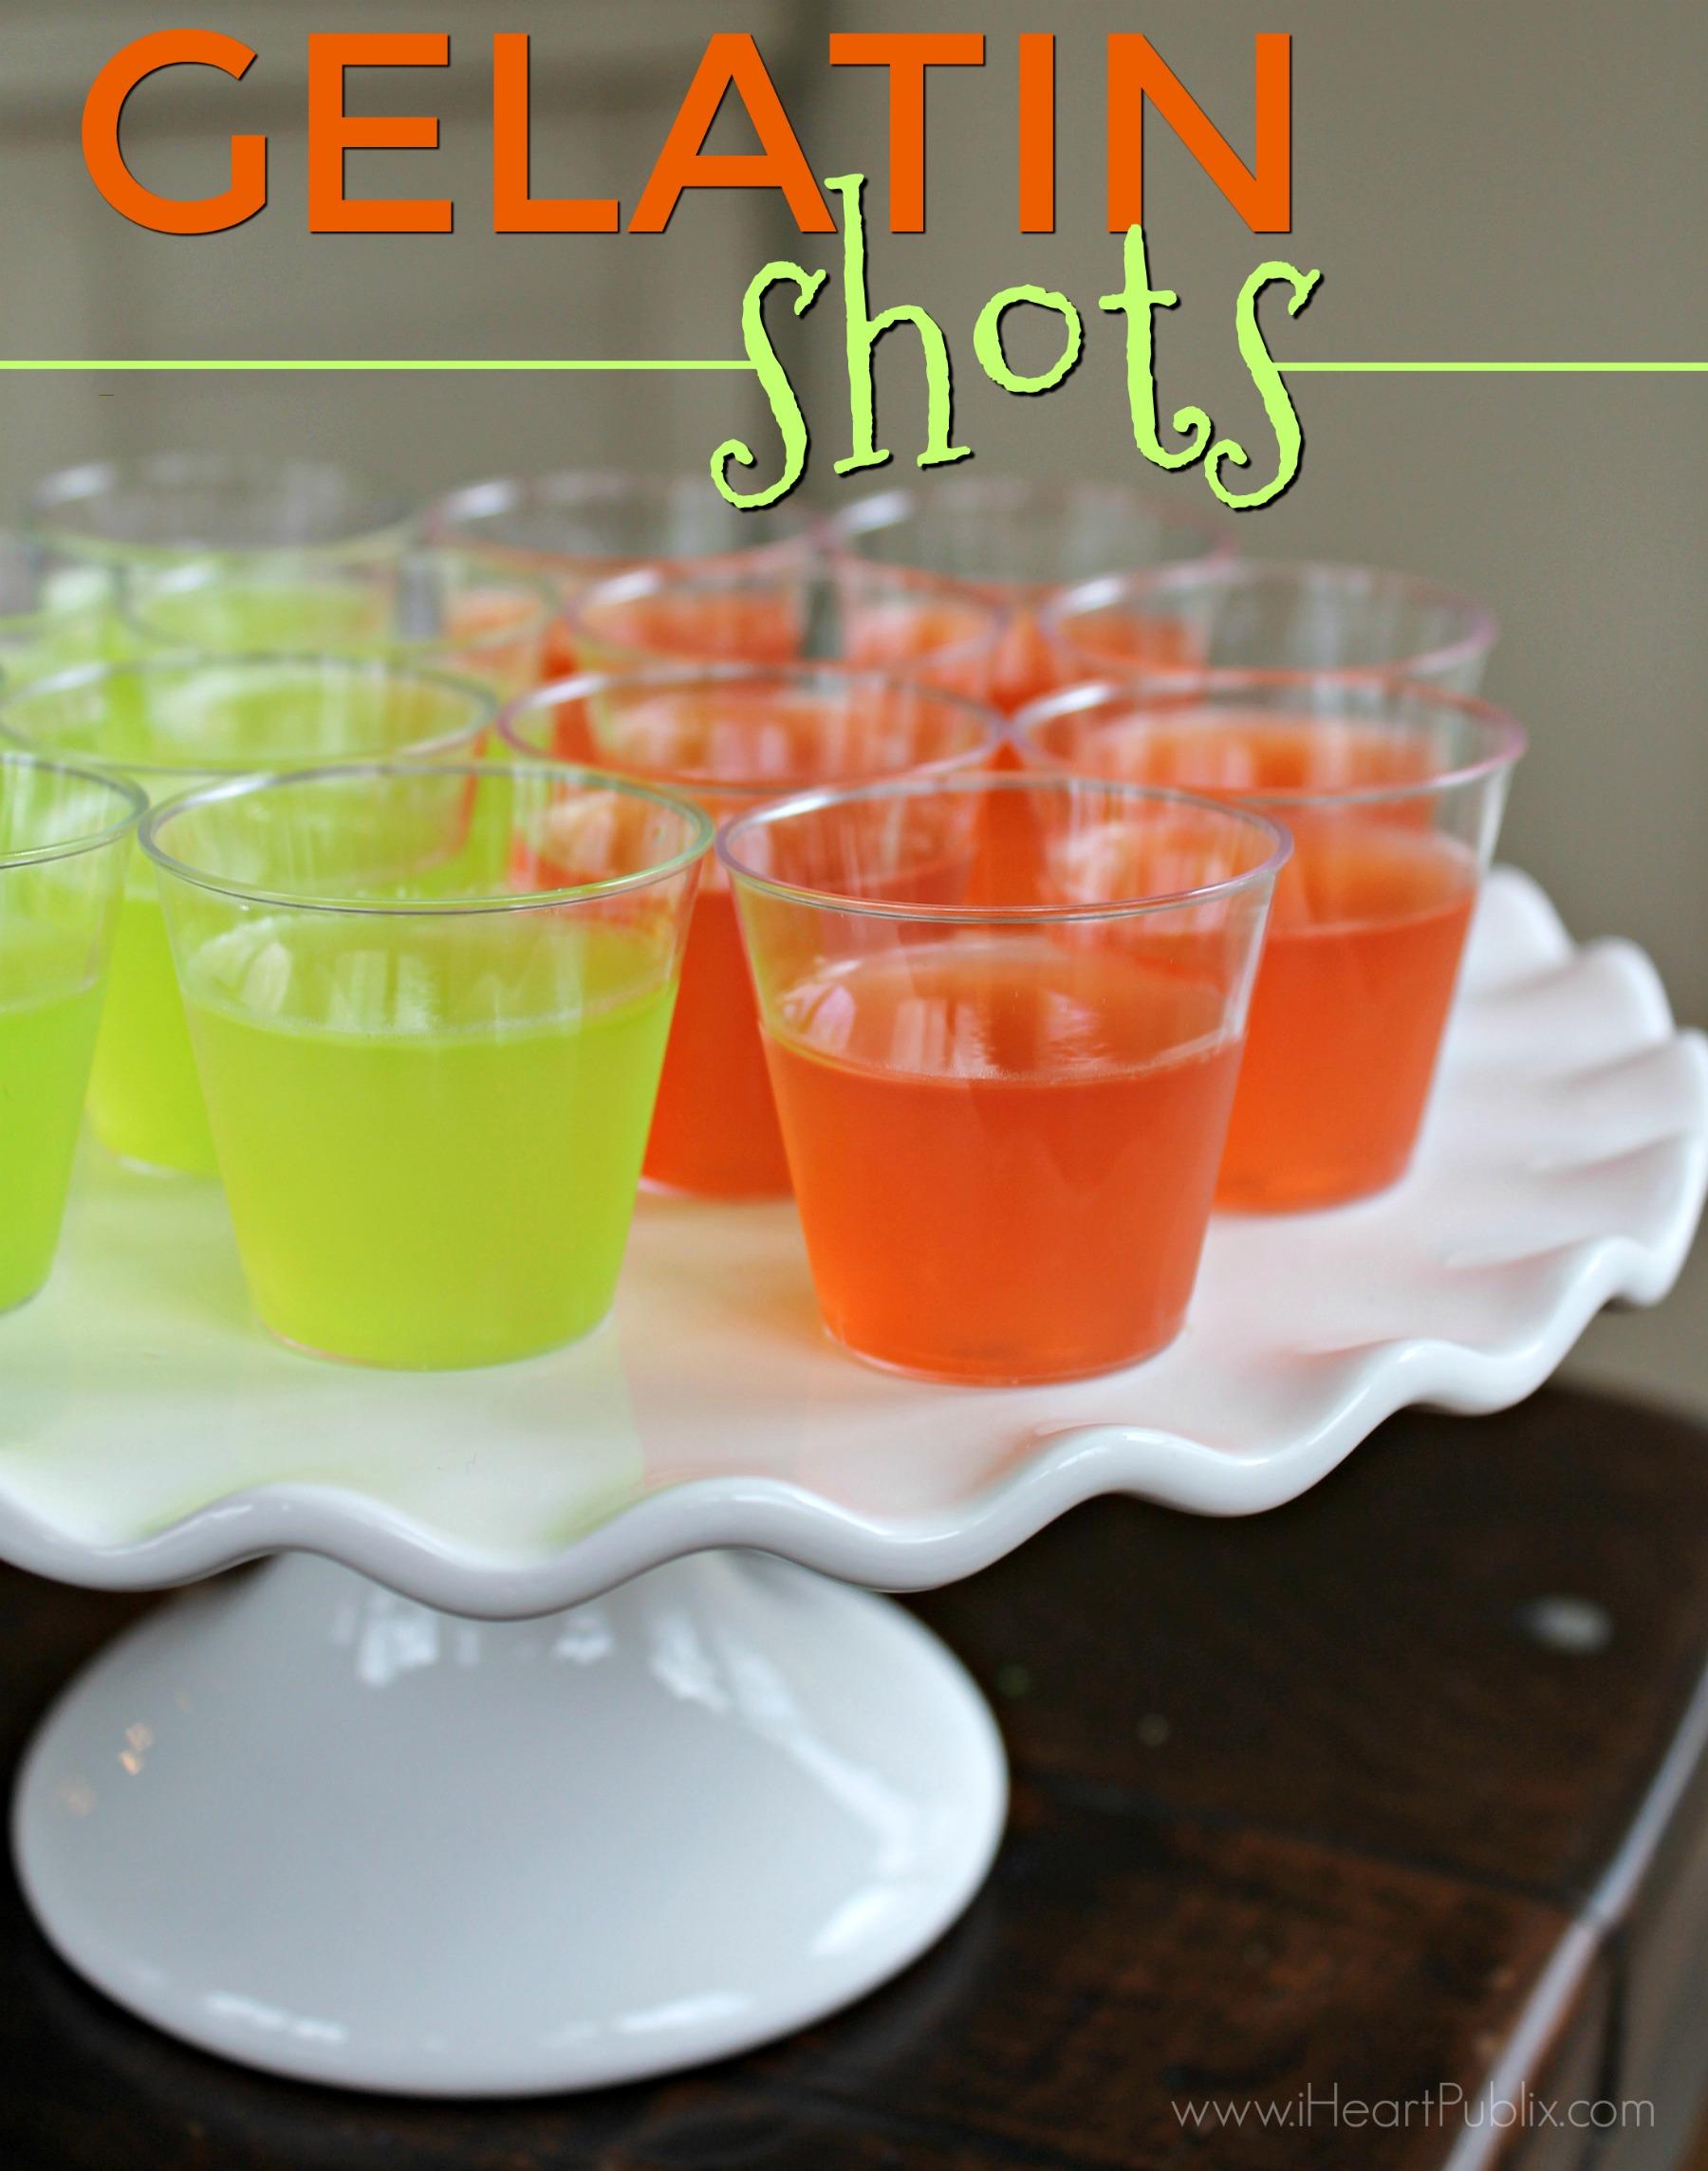 Gelatin Shots Recipe